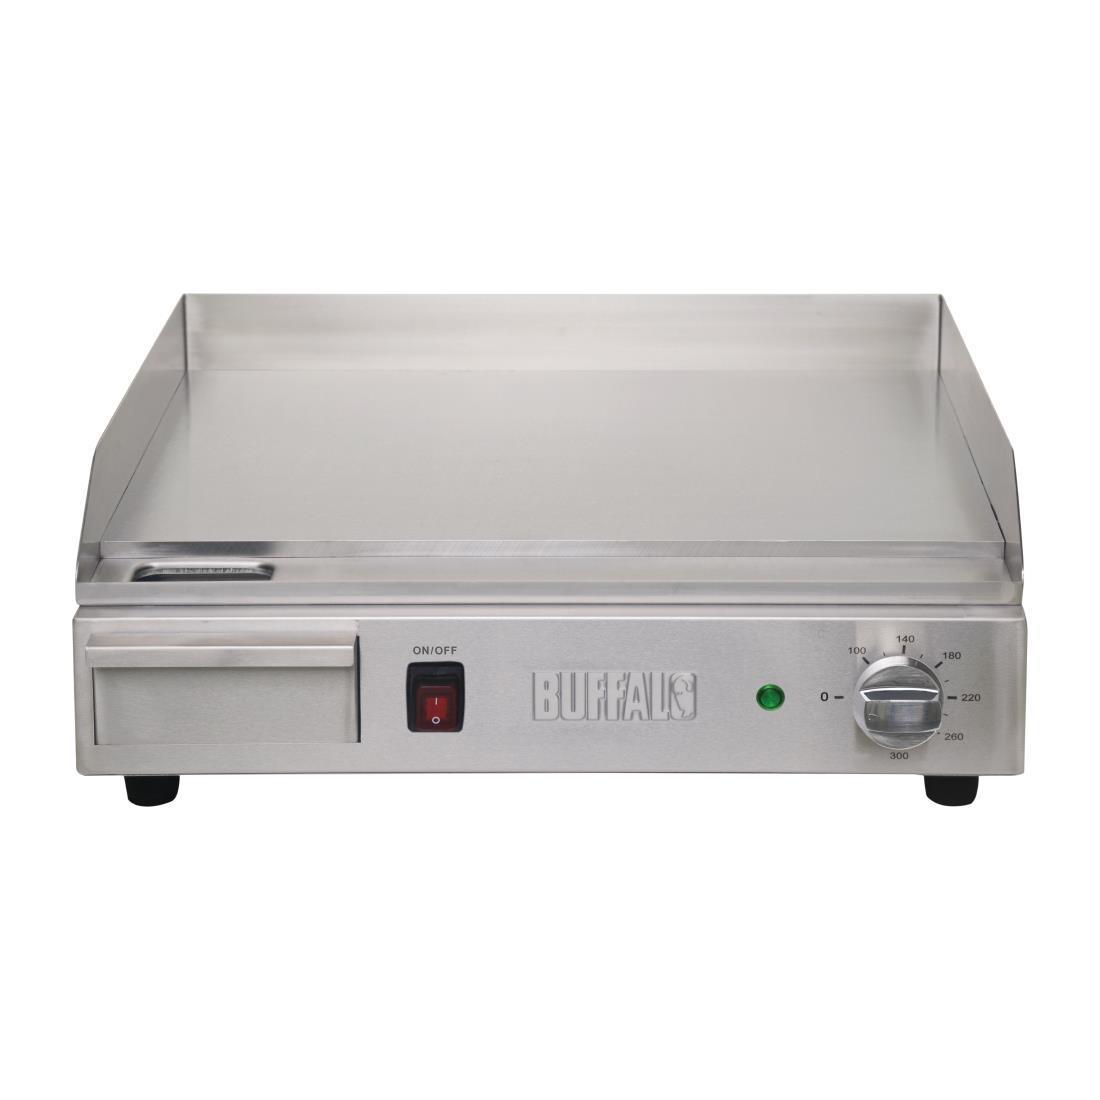 Plancha eléctrica de sobremesa 52x45cm profesional hostelería Buffalo DB193